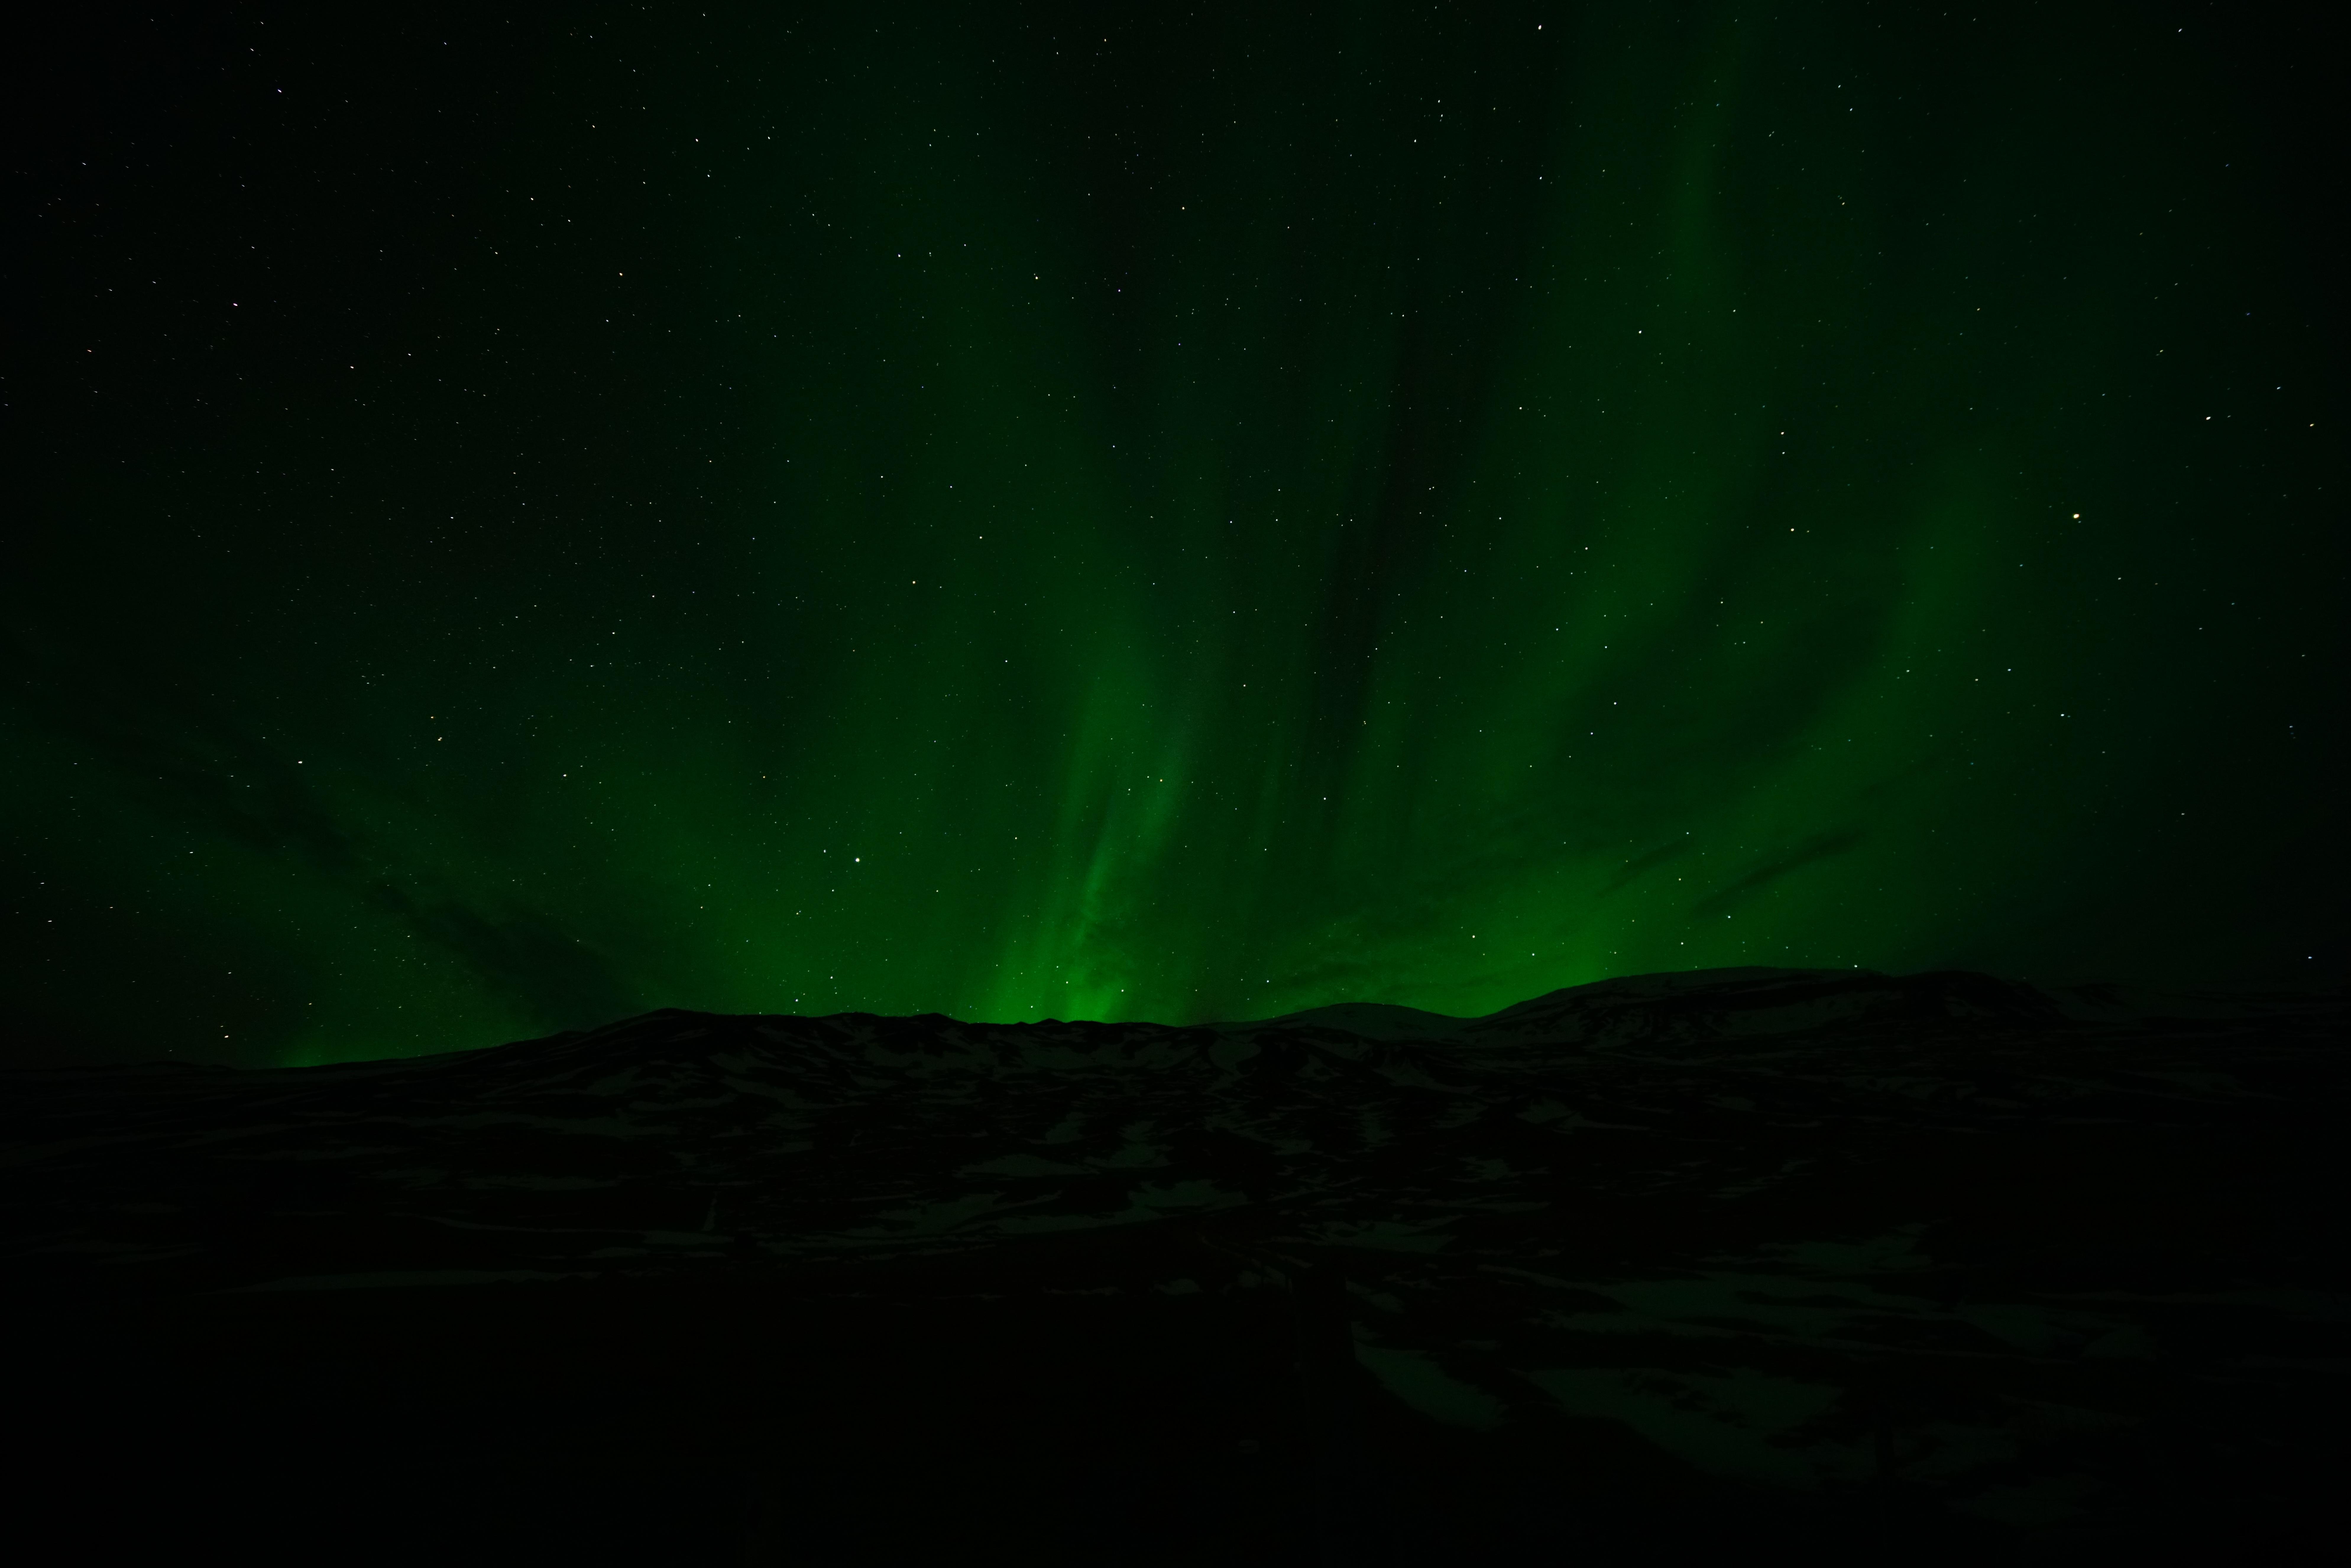 61376壁紙のダウンロードオーロラ, 北極光, 星空, ナイト, 宇宙-スクリーンセーバーと写真を無料で